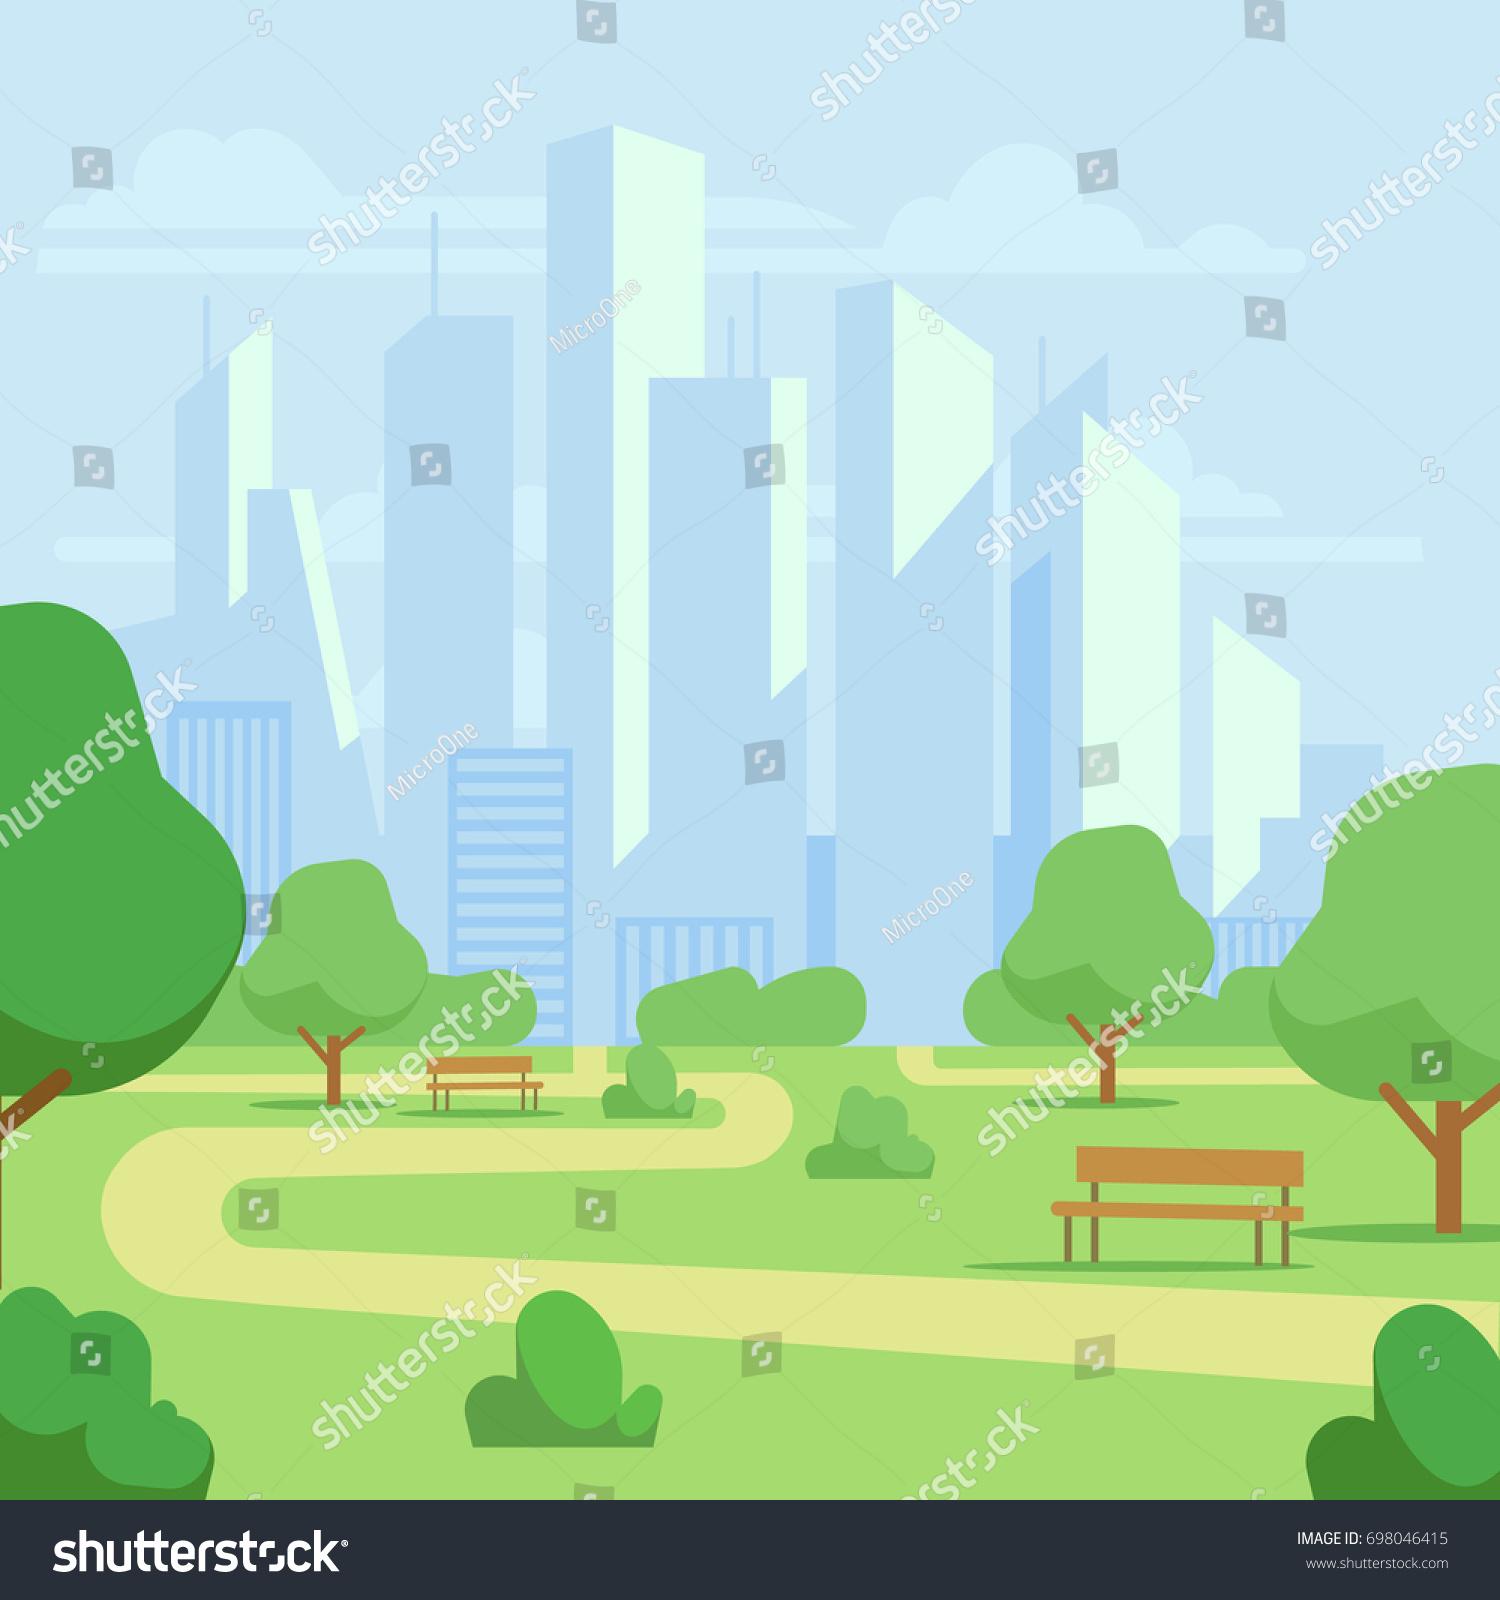 city park cartoon - photo #20